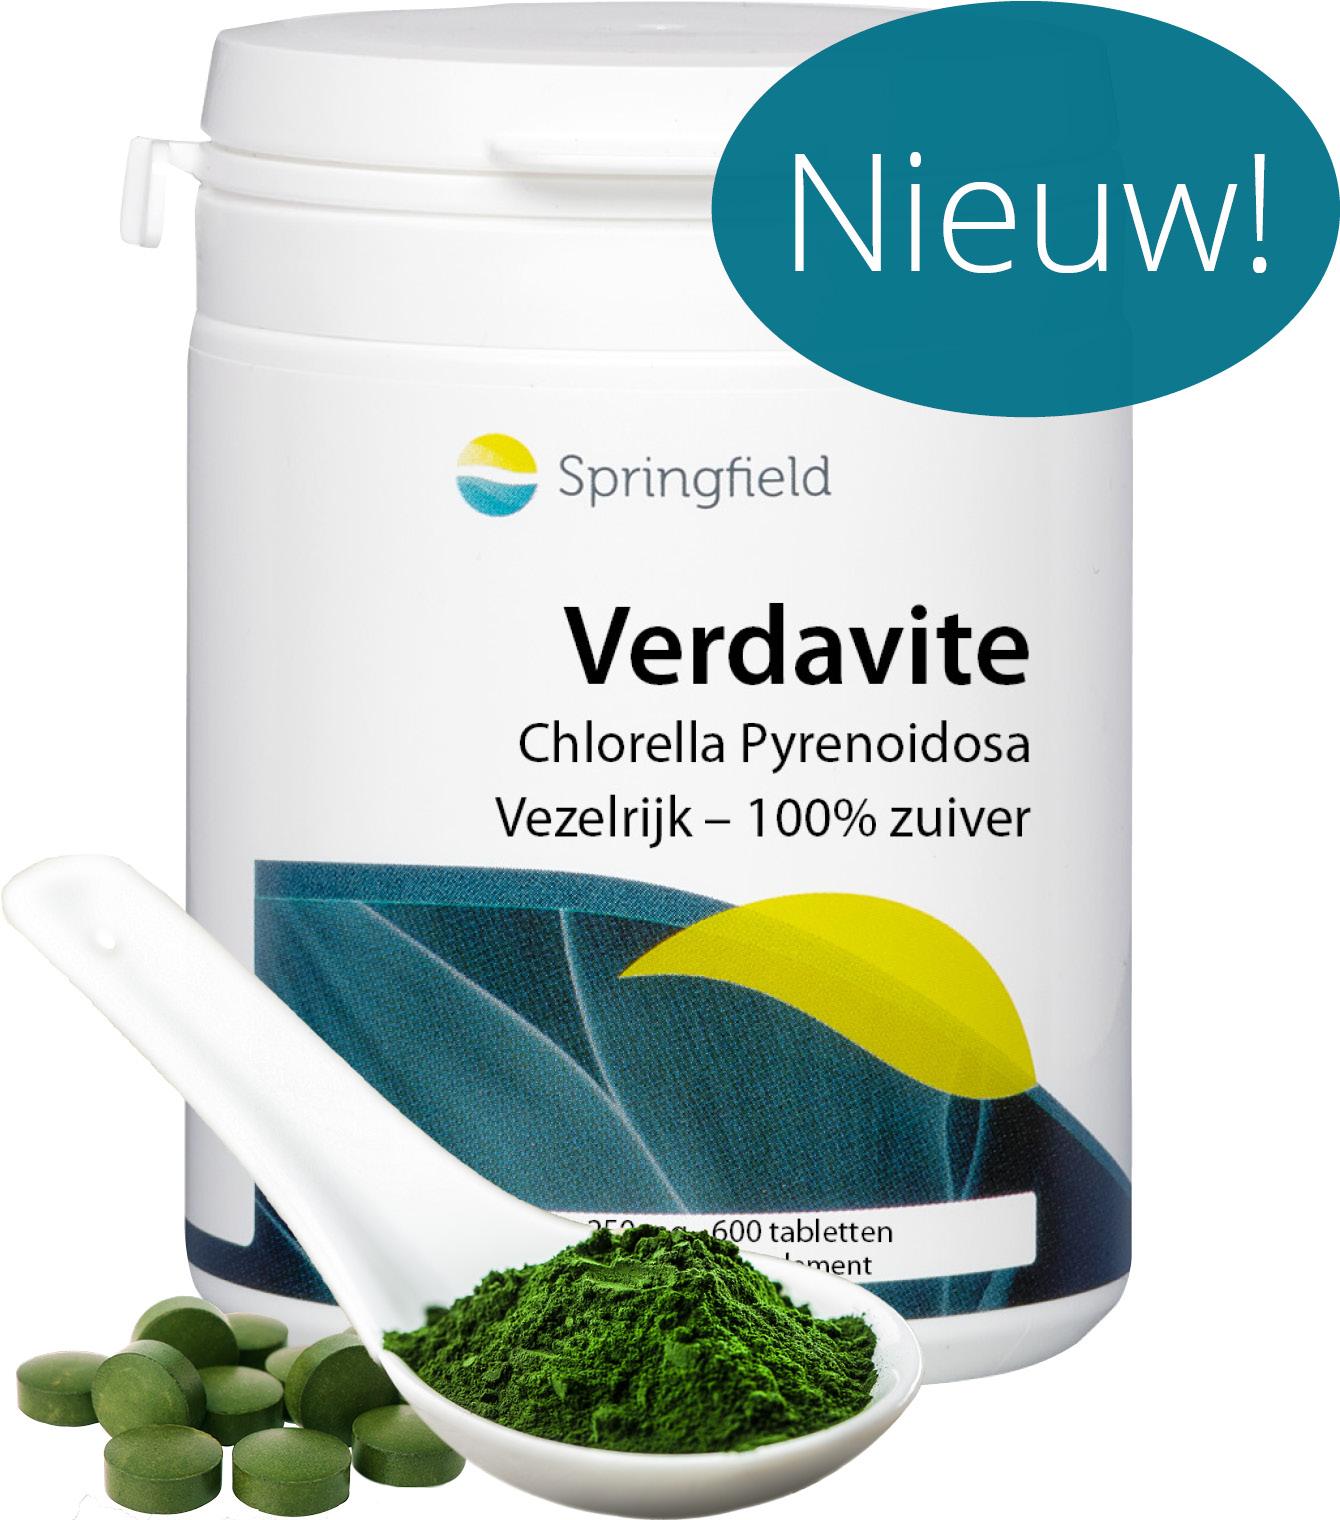 Verdavite - Chlorella Pyrenoidosa wholefood van algen - vezelrijk en 100% zuiver - nieuw RB